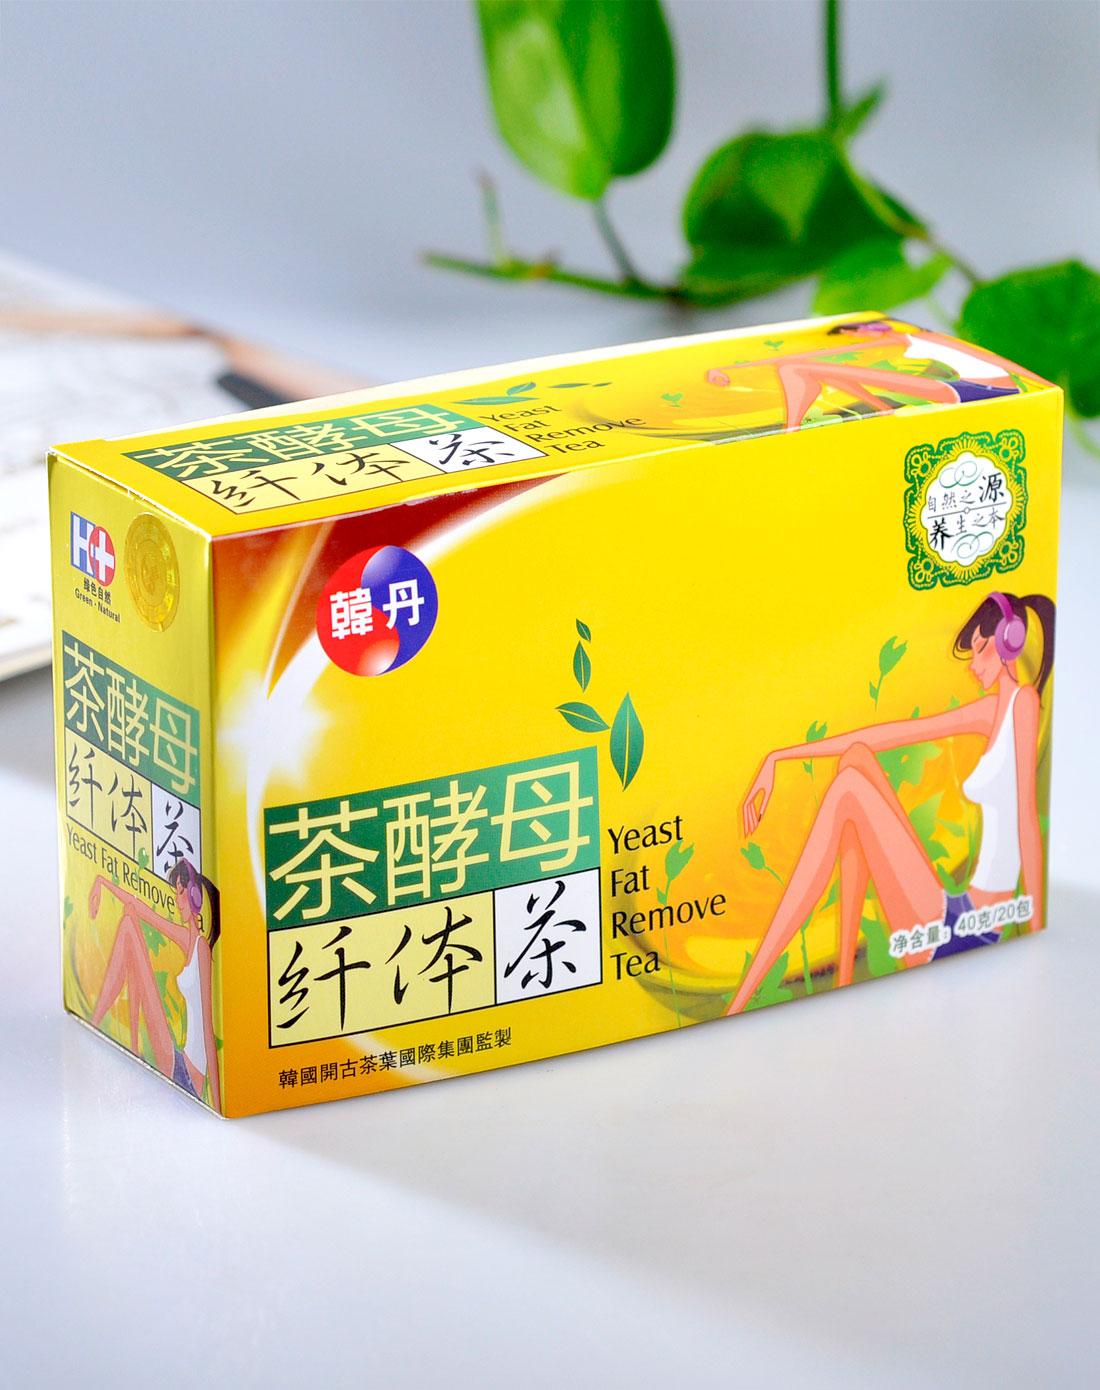 茶酵母纤体茶 韩丹袋泡茶组 40克